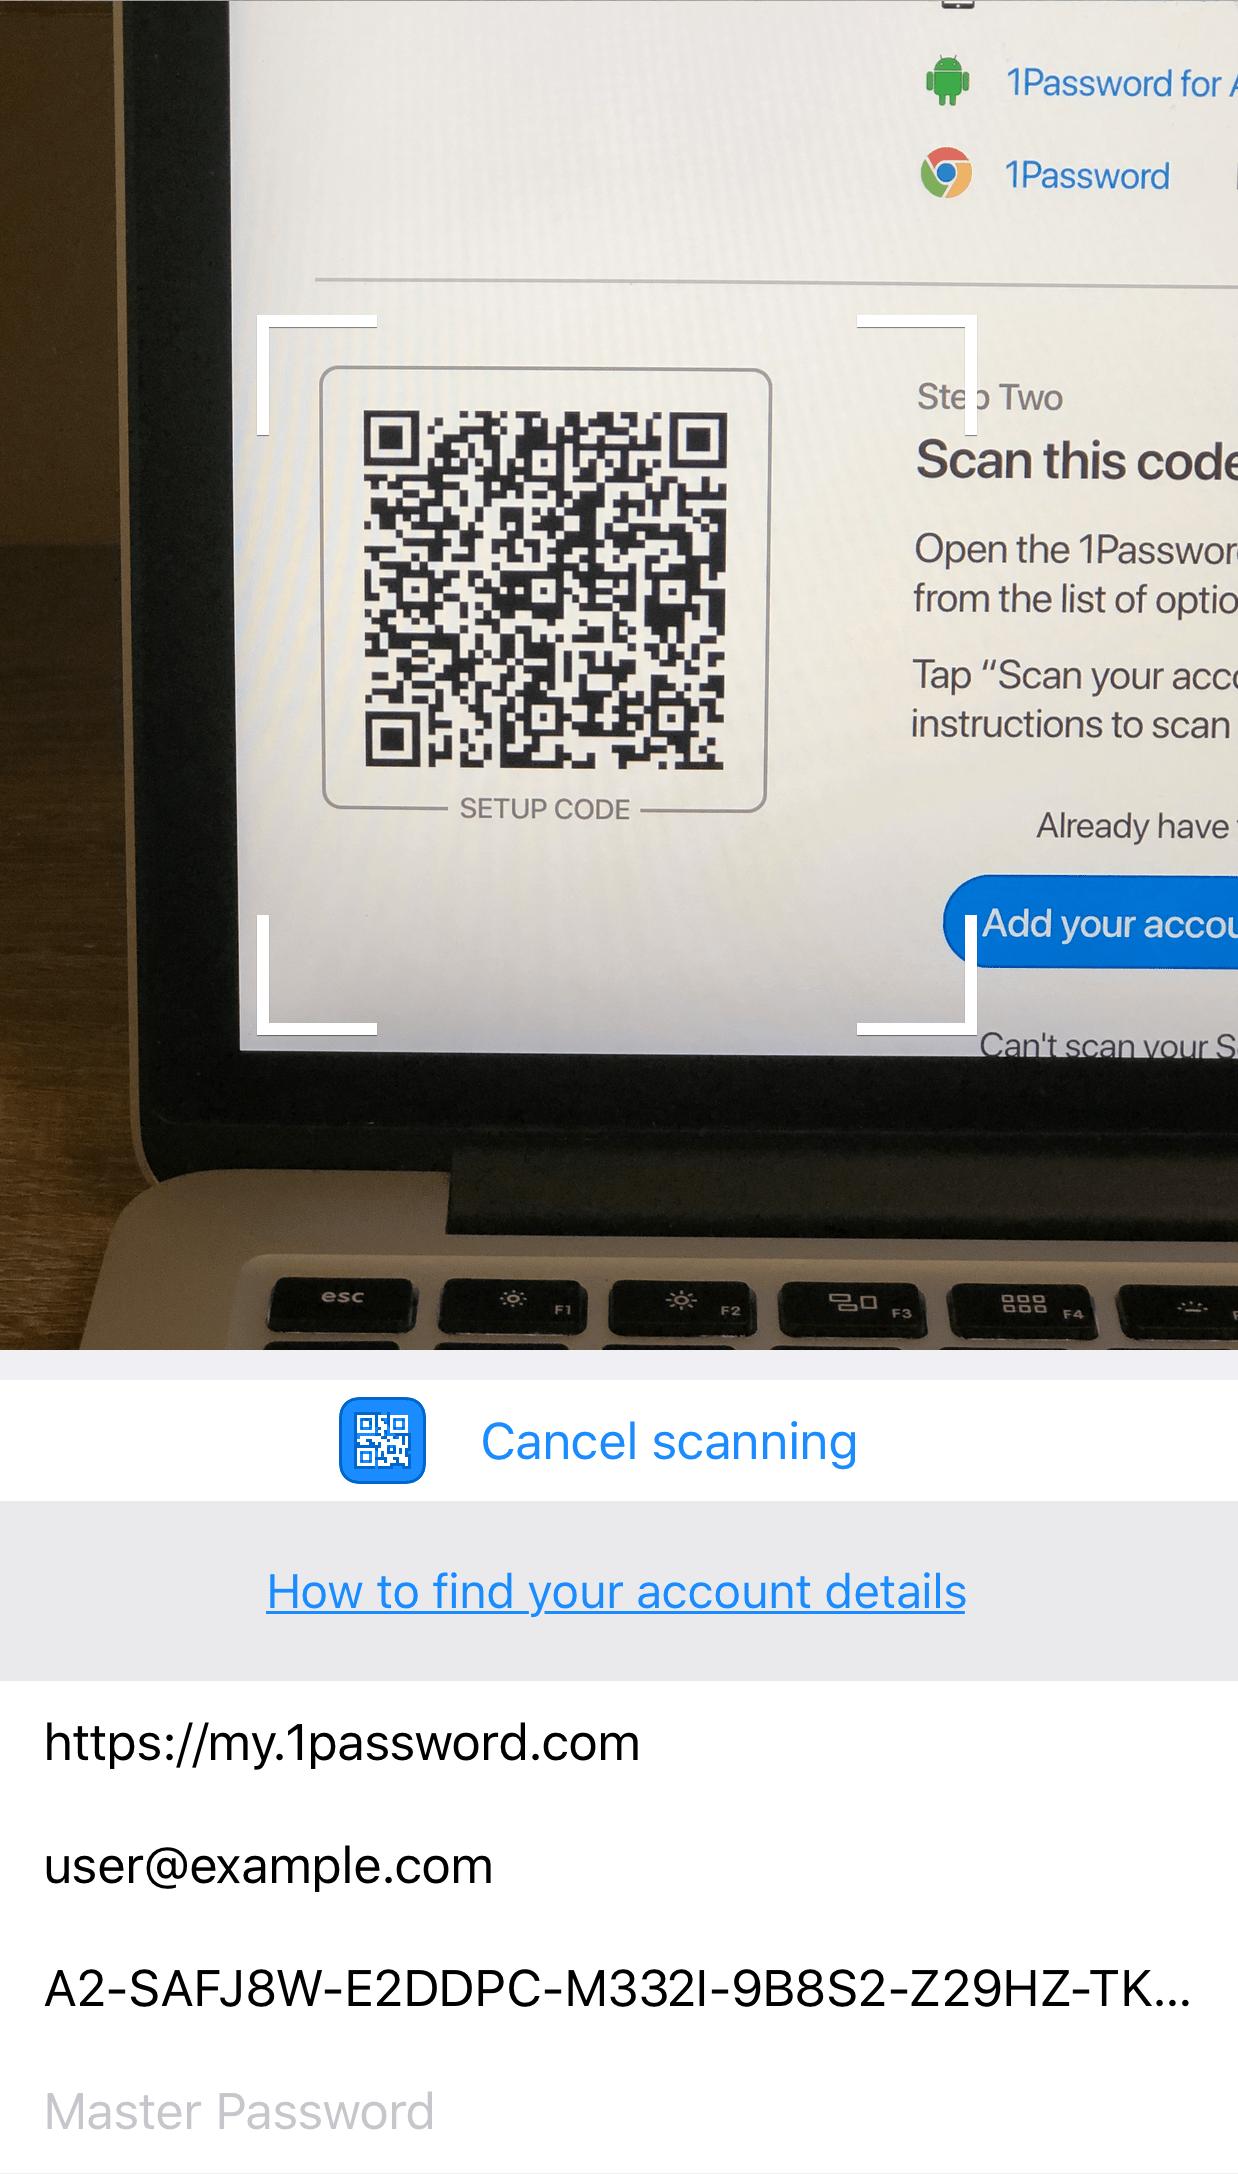 Следуйте инструкциям на экране, чтобы найти и отсканировать код настройки аккаунта (Setup Code)